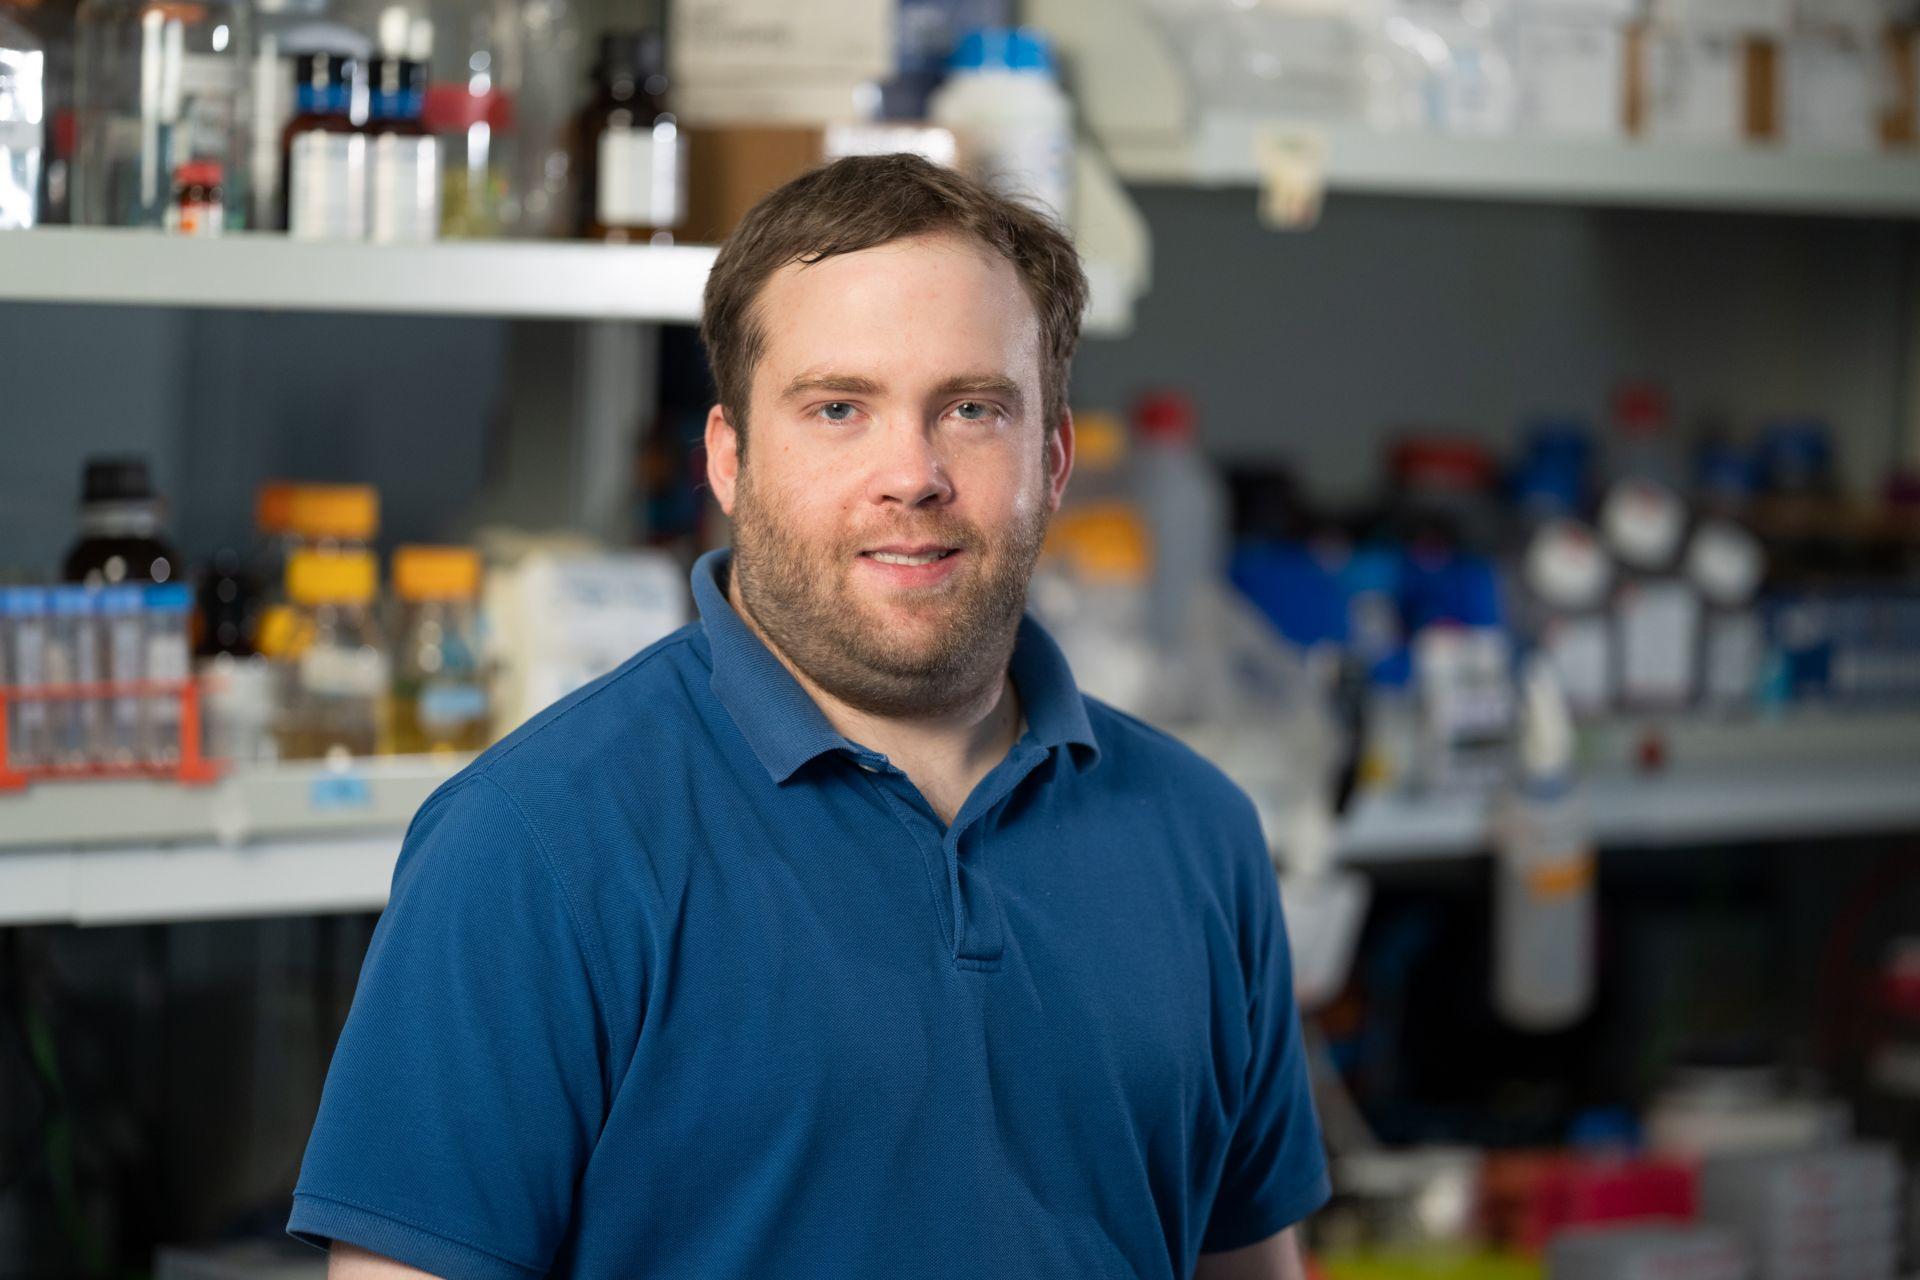 Cameron Buchman, PhD